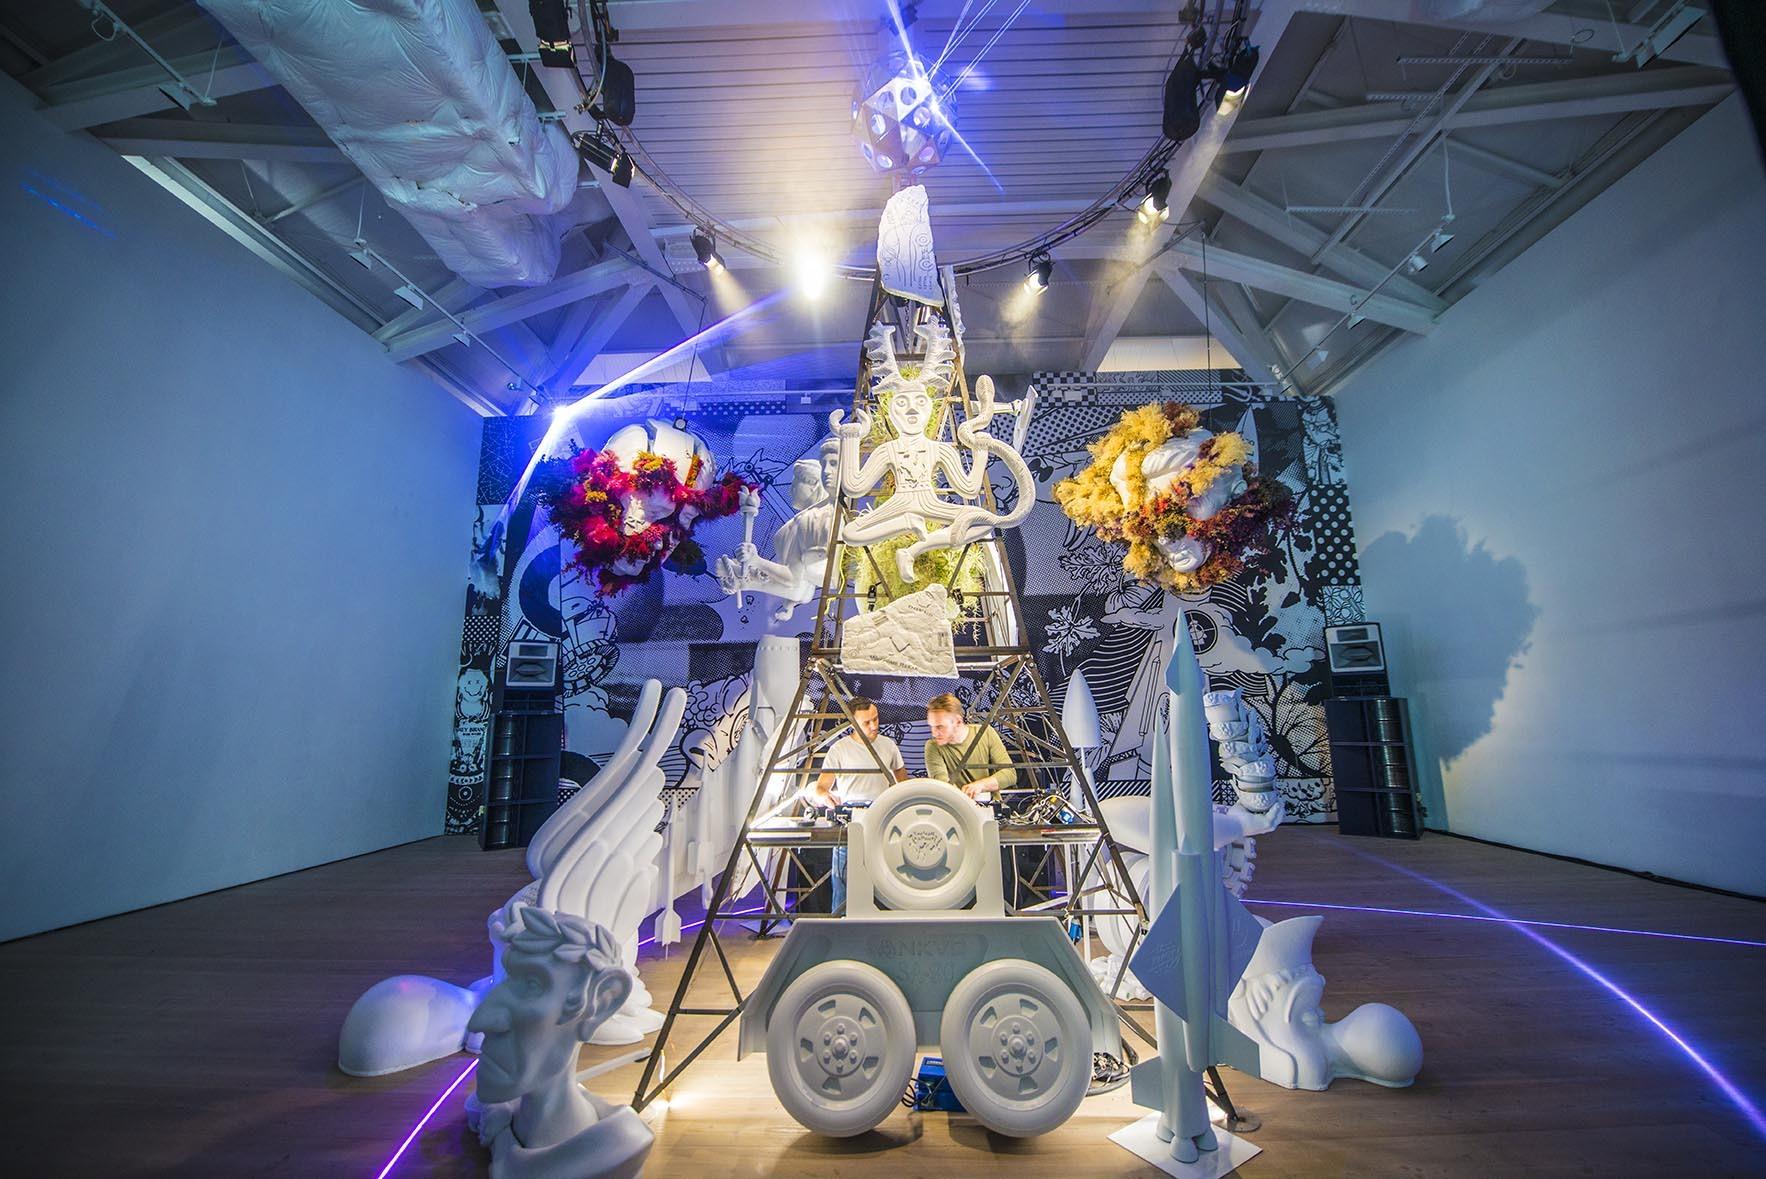 Saatchi gallery light up sculpture in room